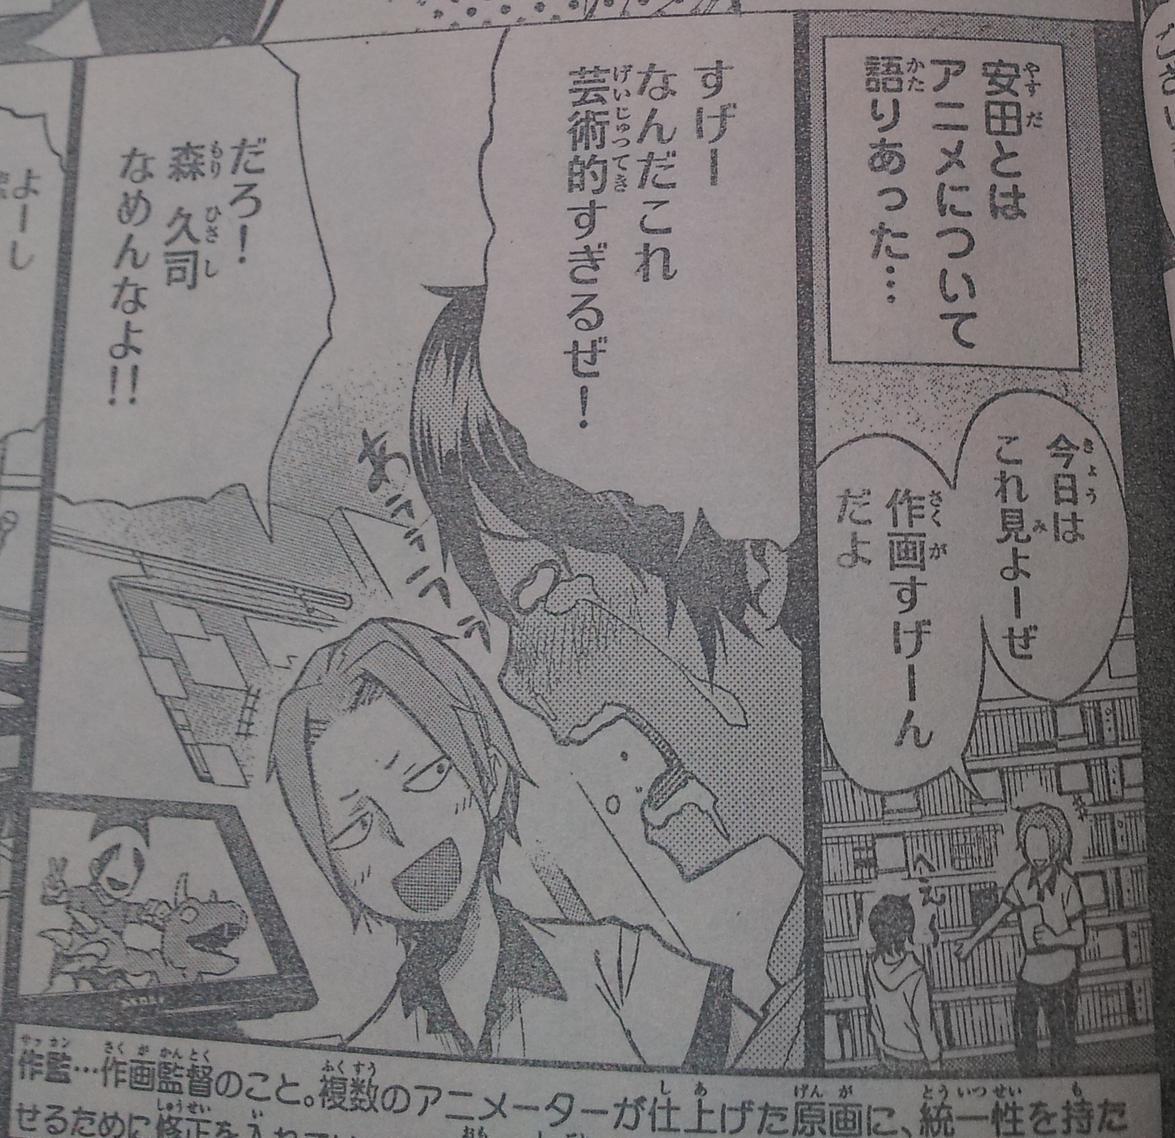 吉田健一 (アニメーター)の画像 p1_27